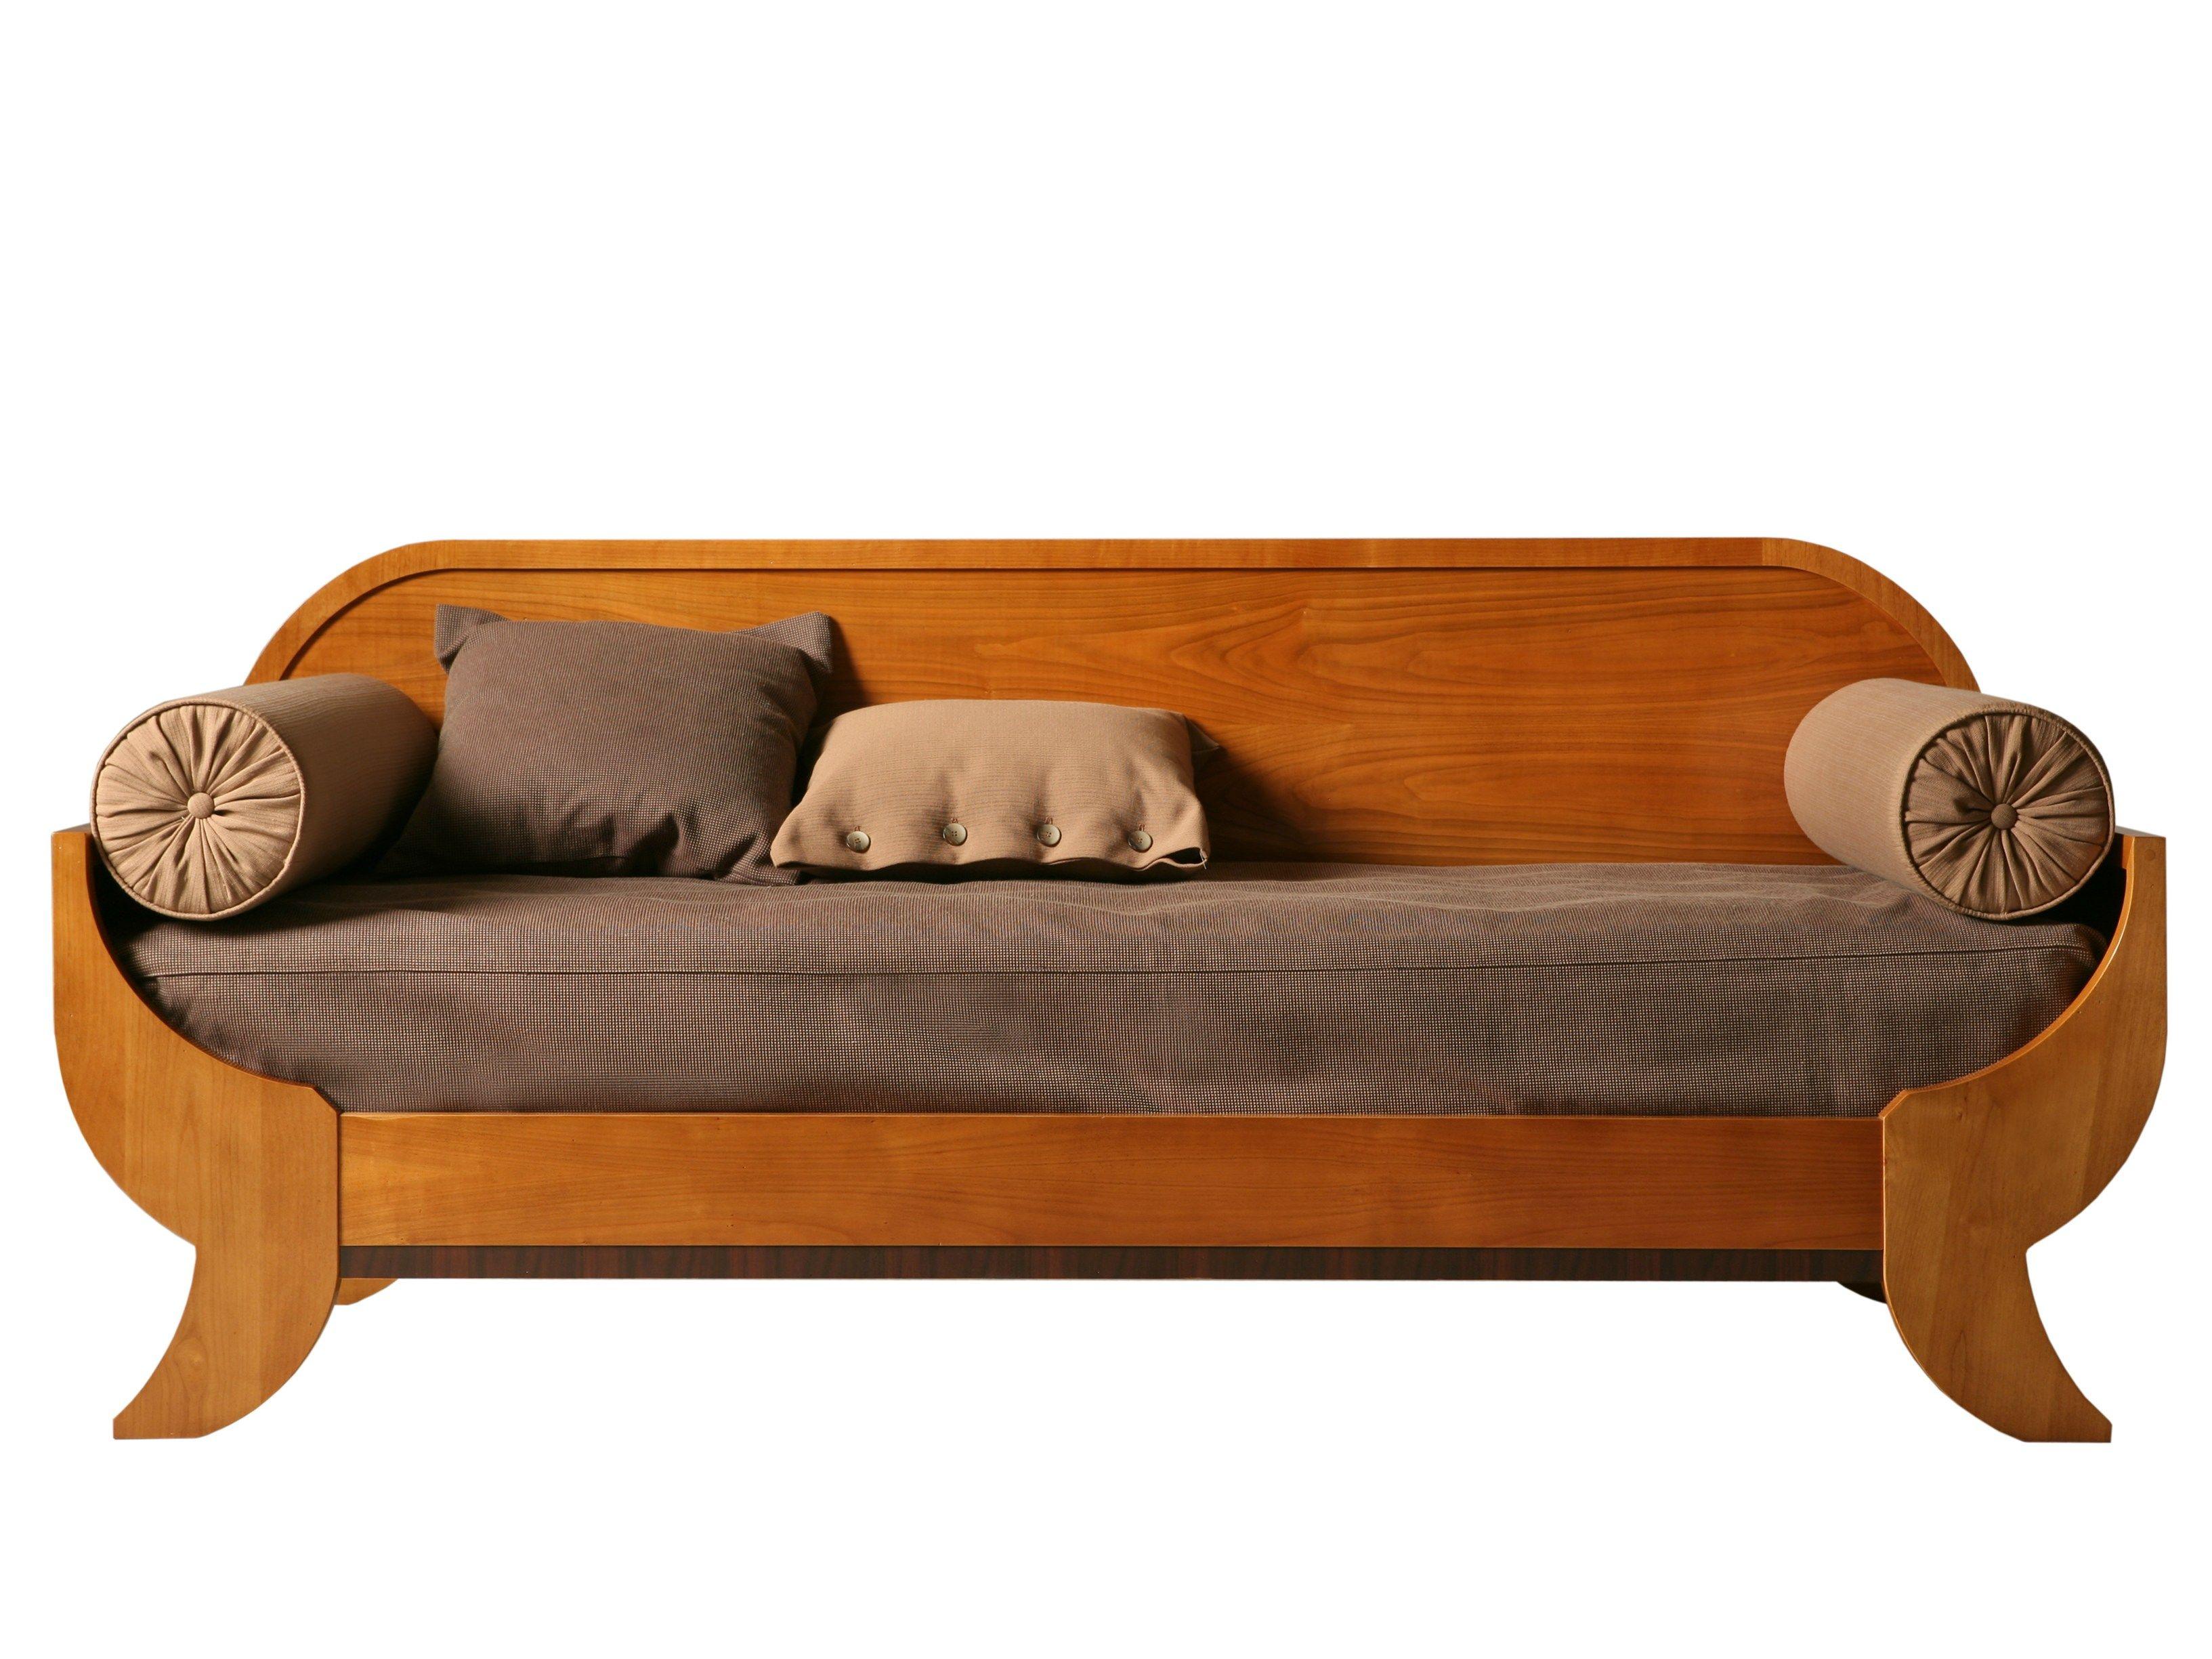 Biedermeier sofa by morelato design centro ricerche maam Biedermeier sofa